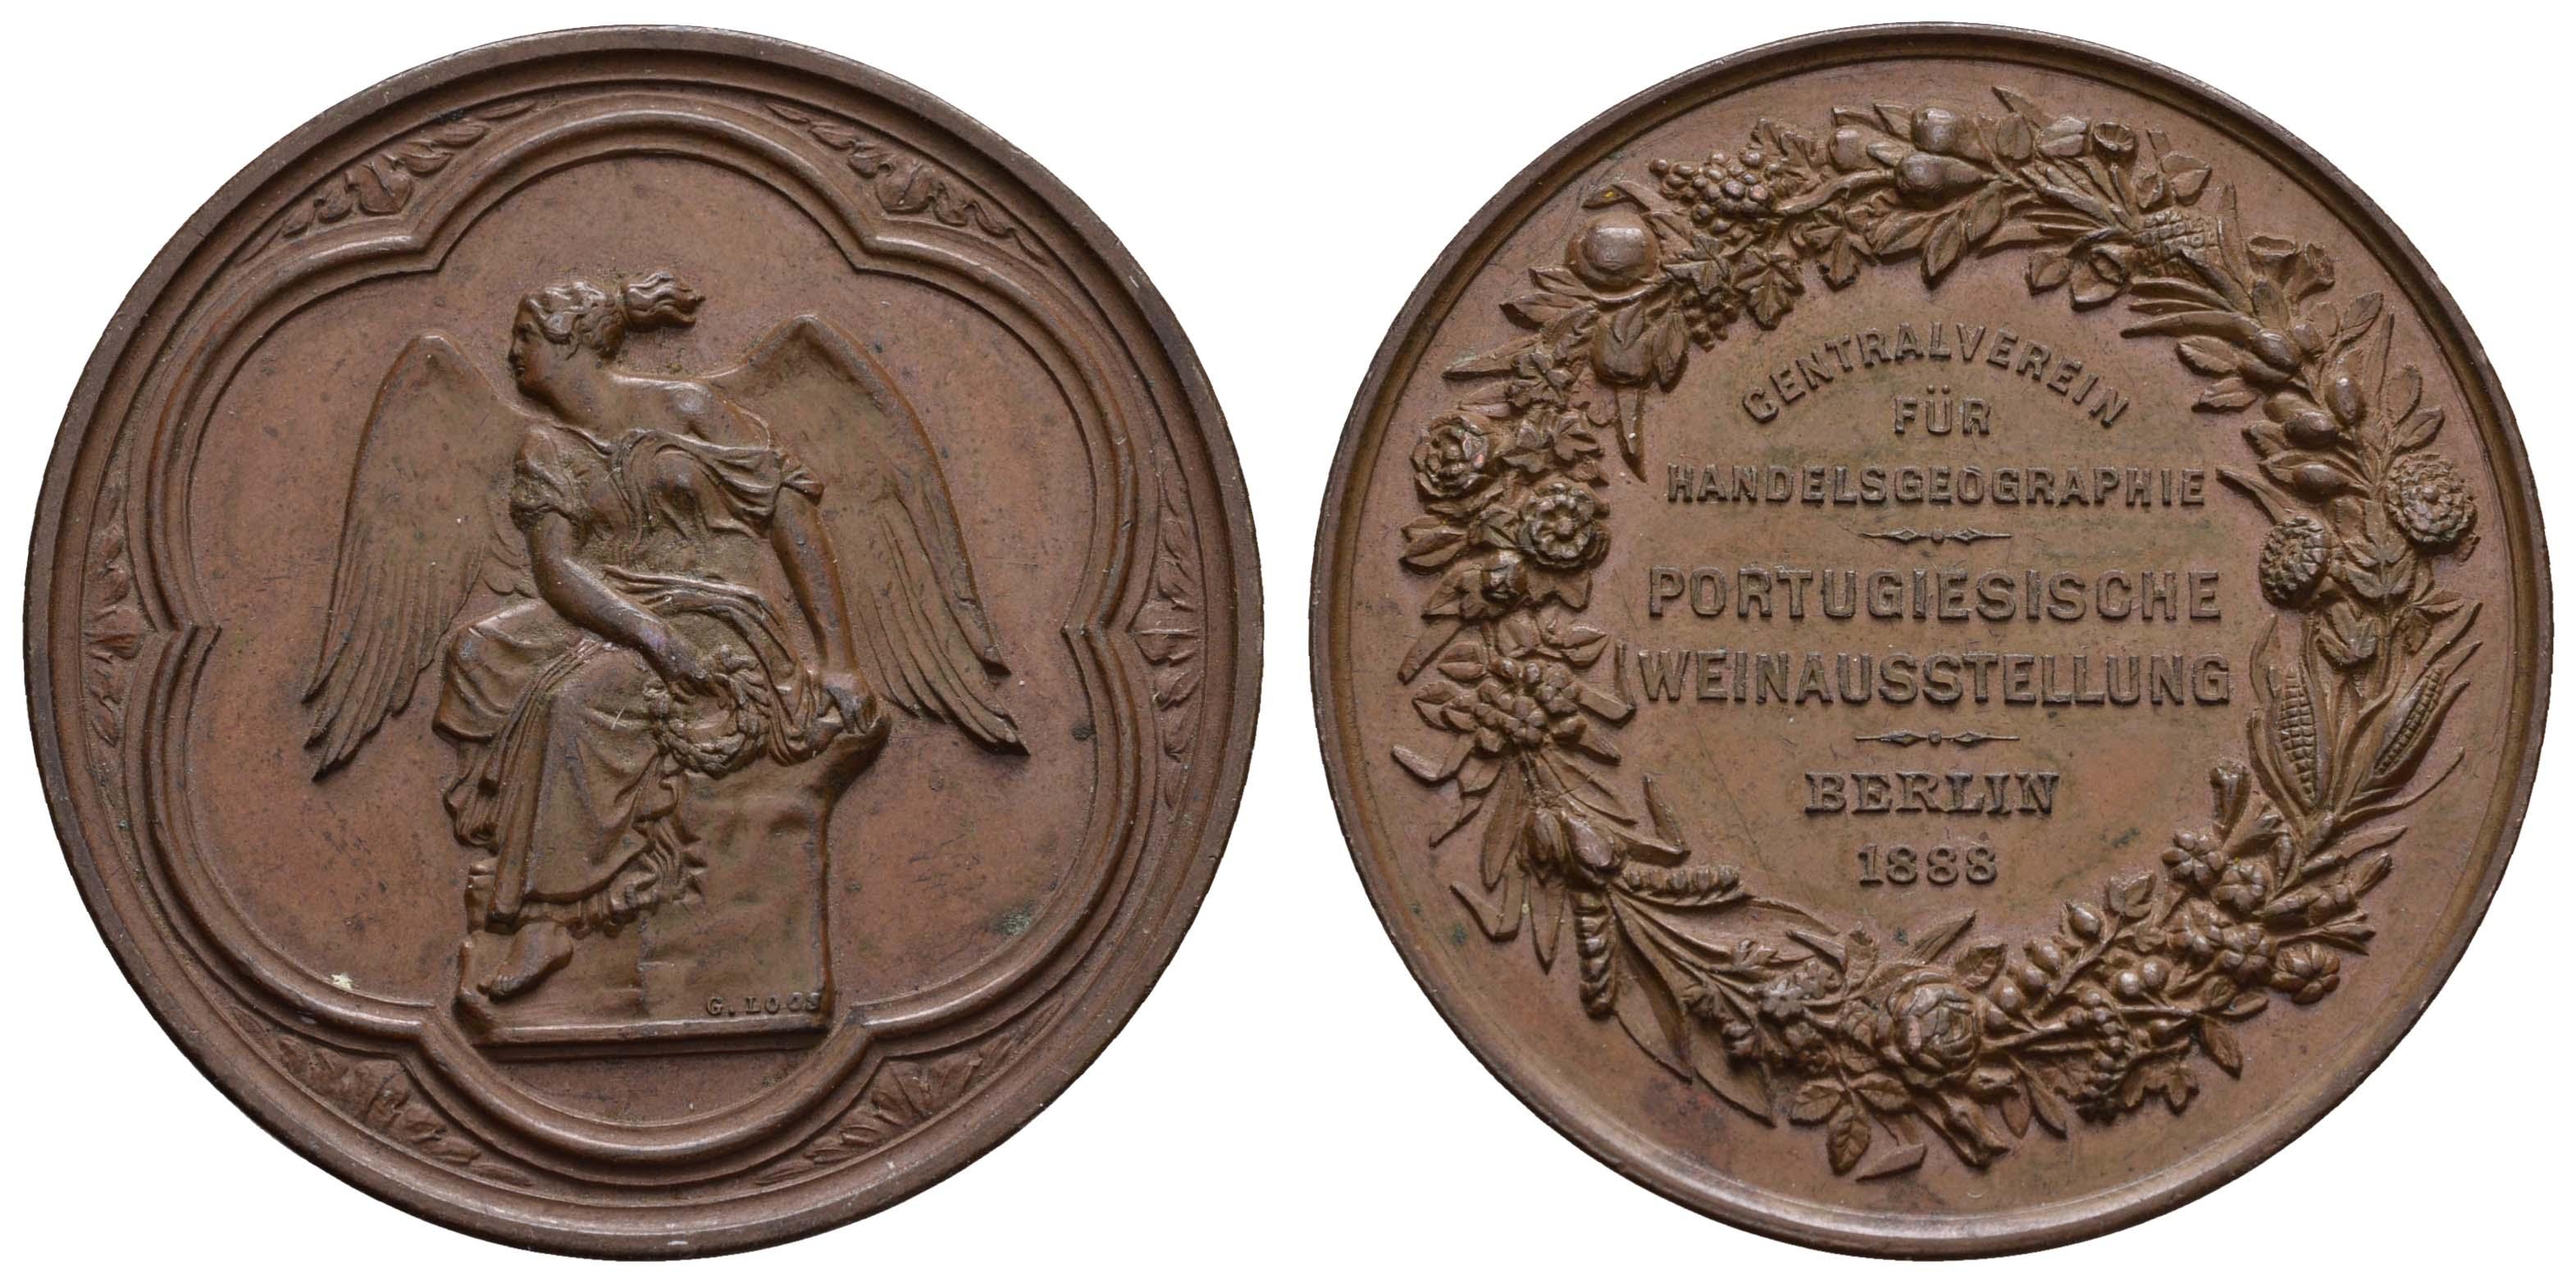 Lot 2234 - medaillen Sonstige Medaillen - Deutschland -  Auktionshaus Ulrich Felzmann GmbH & Co. KG Coins single lots